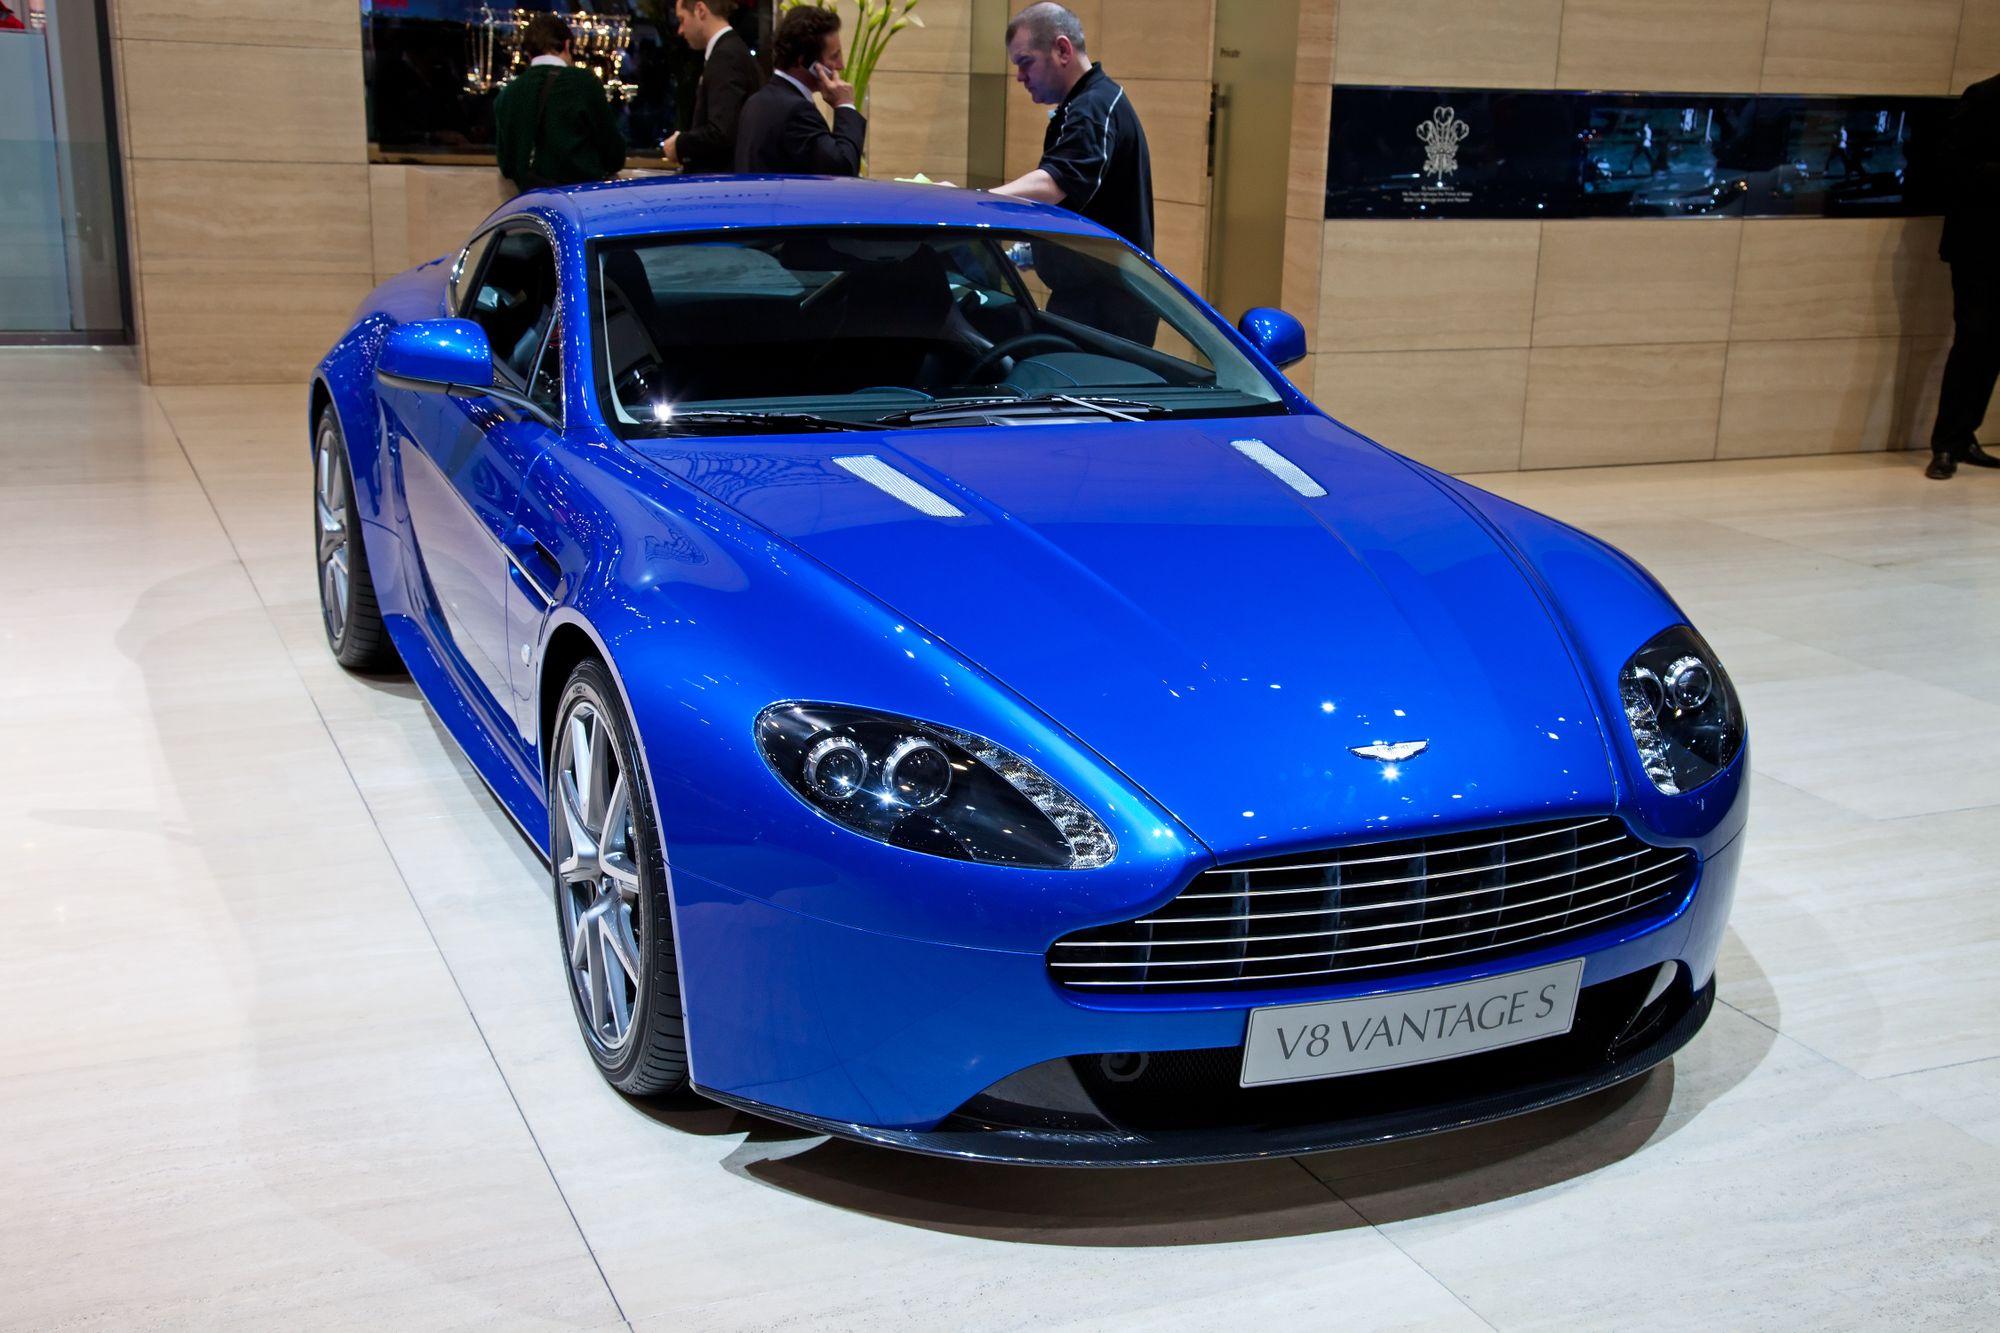 μπλε Aston Martin V8 Vantage σε έκθεση